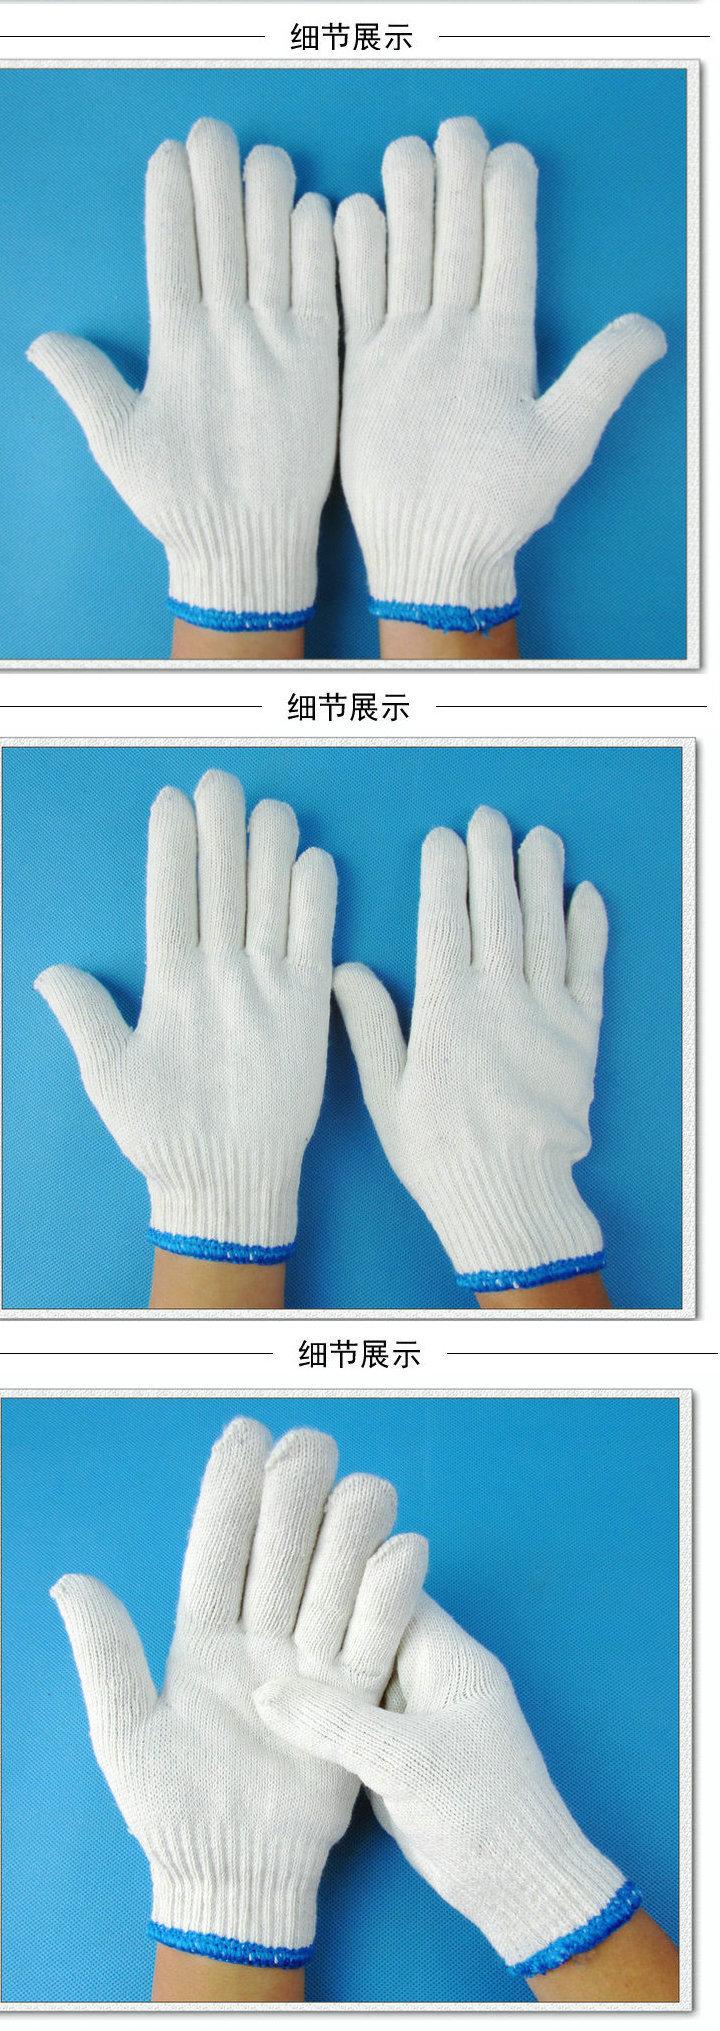 劳保手套、线棉纱5元12双超优质修车工作防护白手套批发